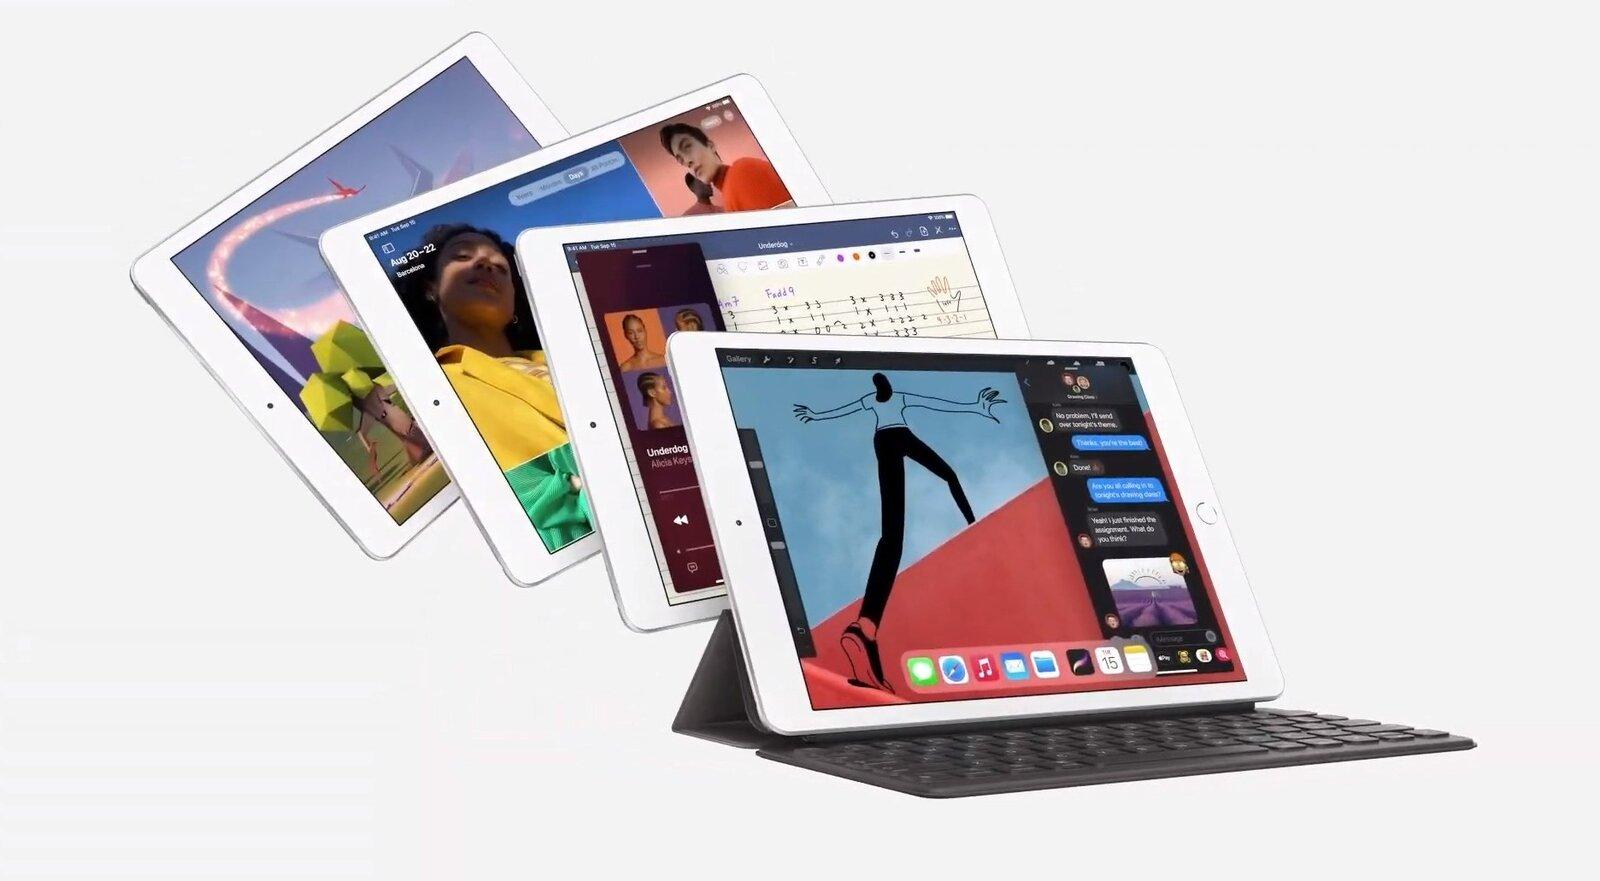 Το νέο iPad Air, Apple Watch SE και ο νέος Α14 CPU - Φωτογραφία 1